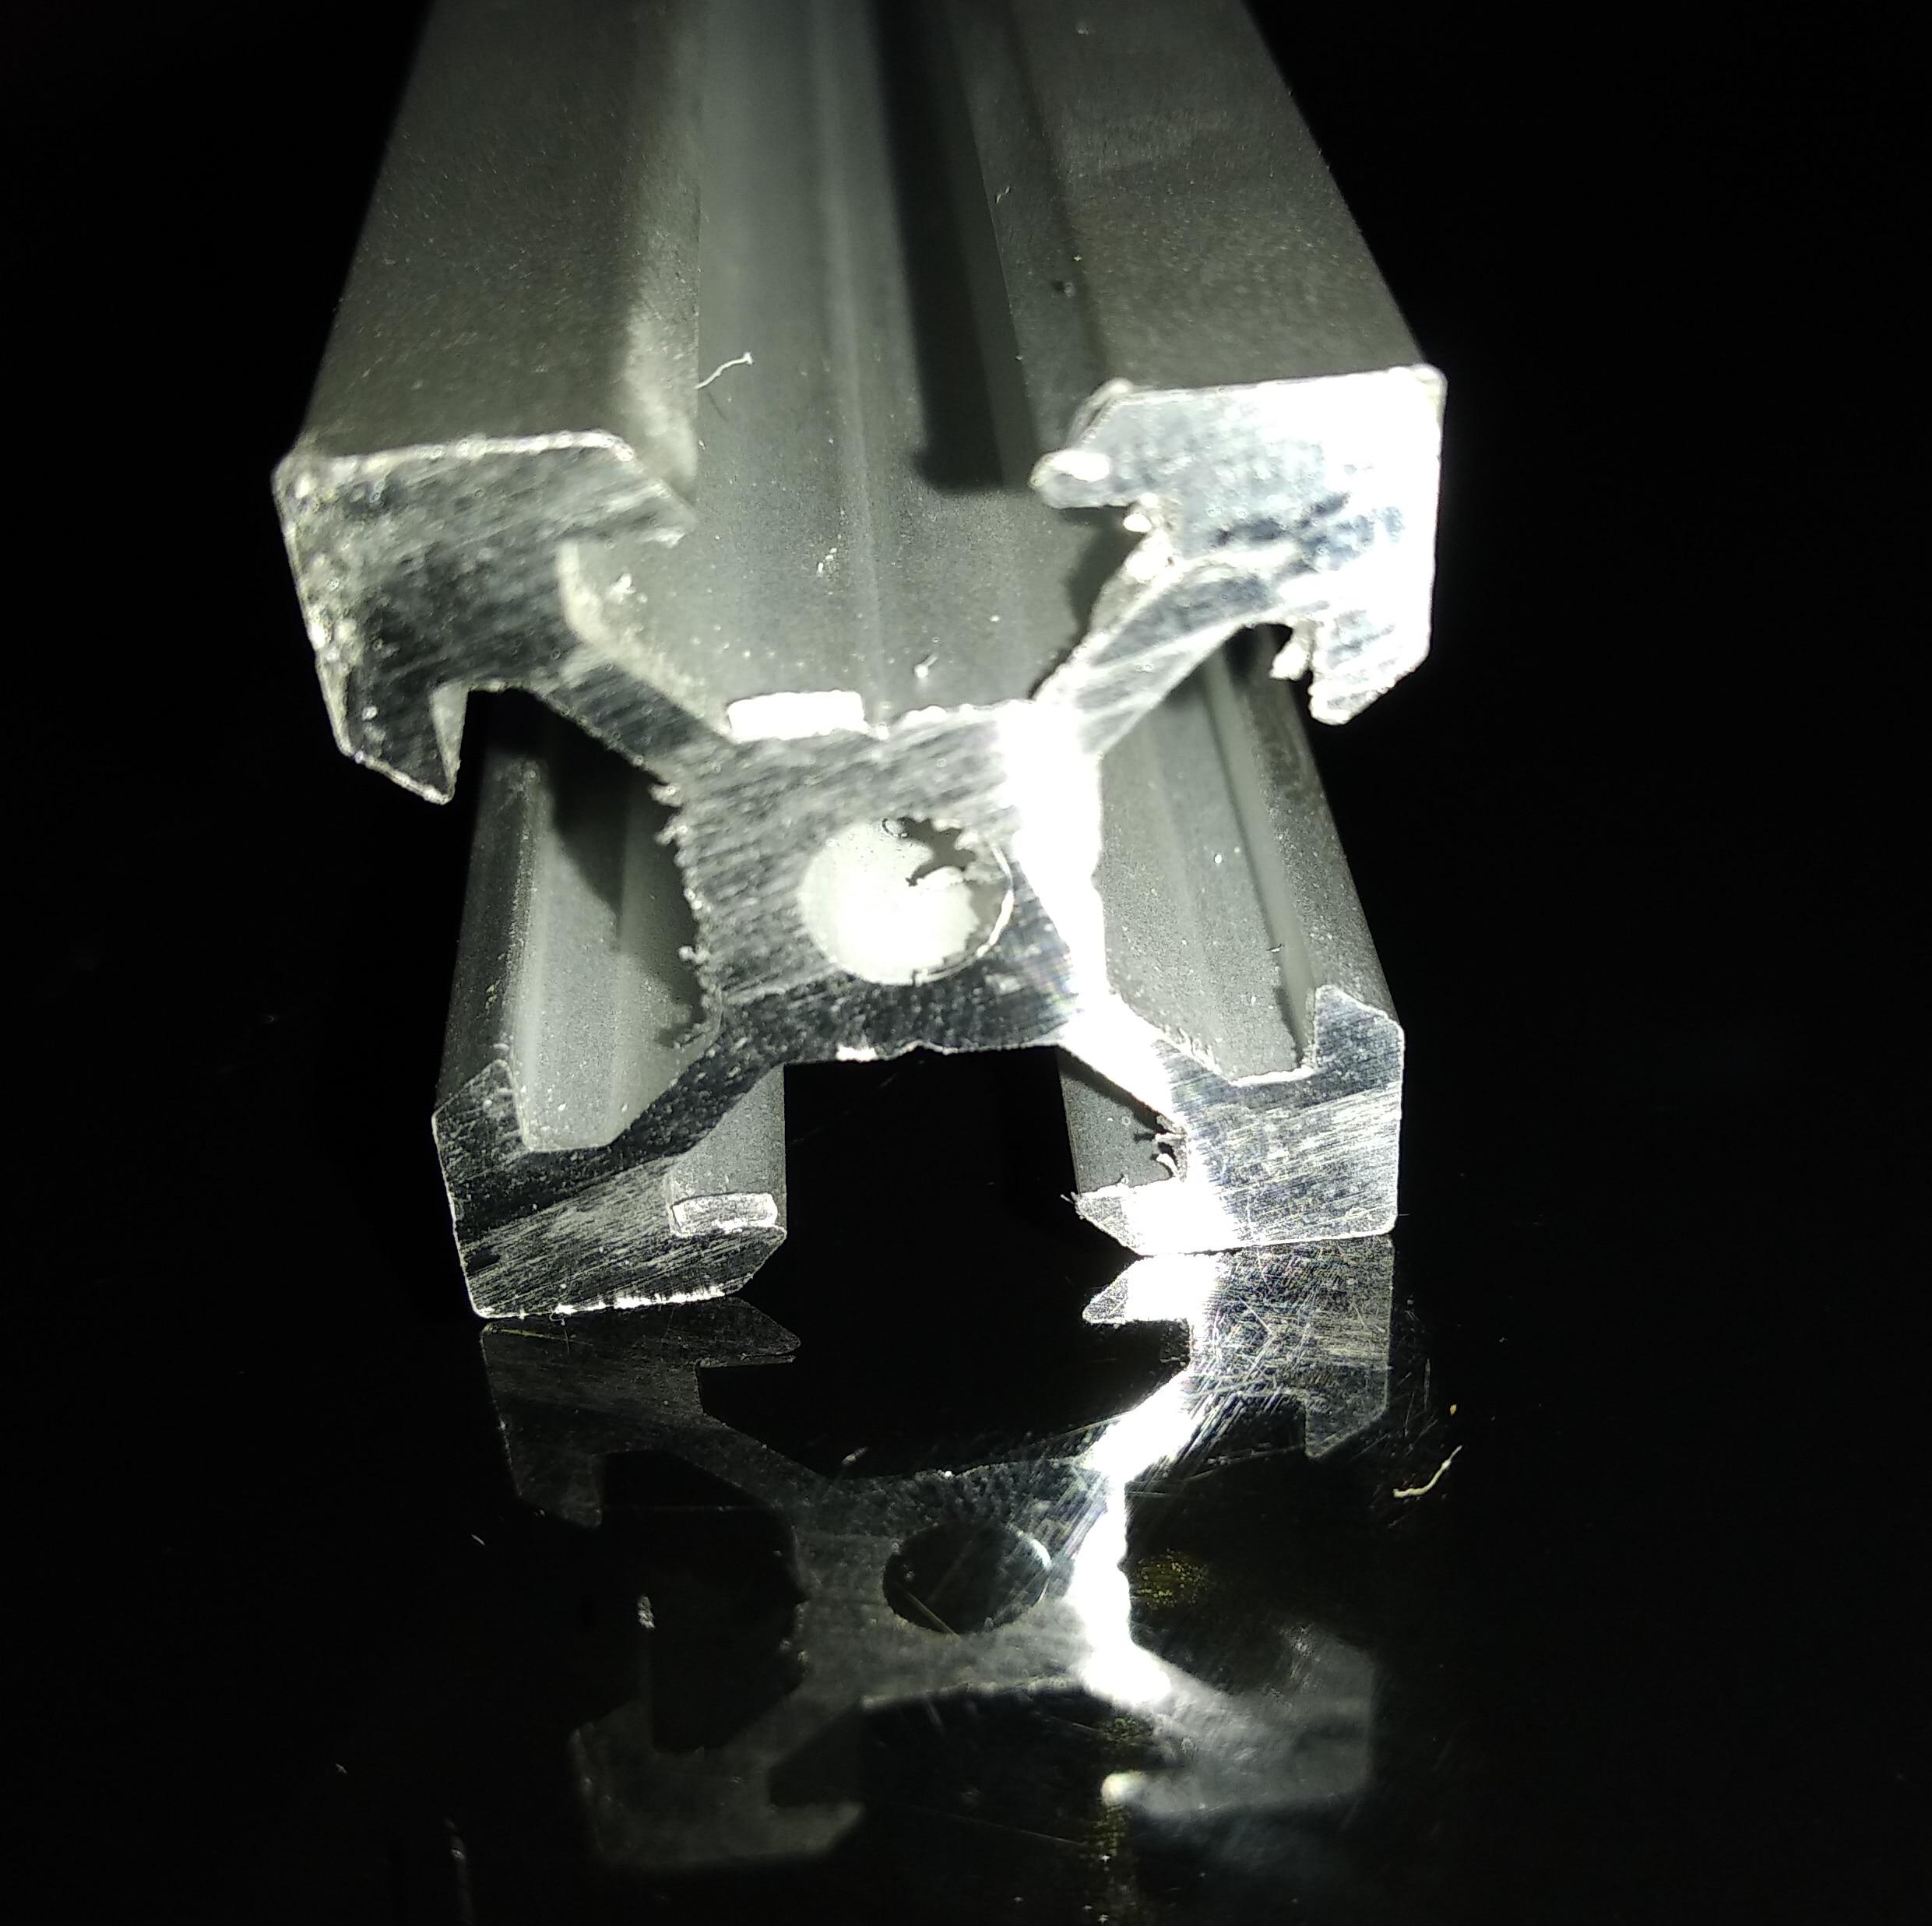 1PCS V slot Aluminum Profile 2020 Extrusion European Standard Anodized Linear Rail Aluminum Profile for 3D parts CNC